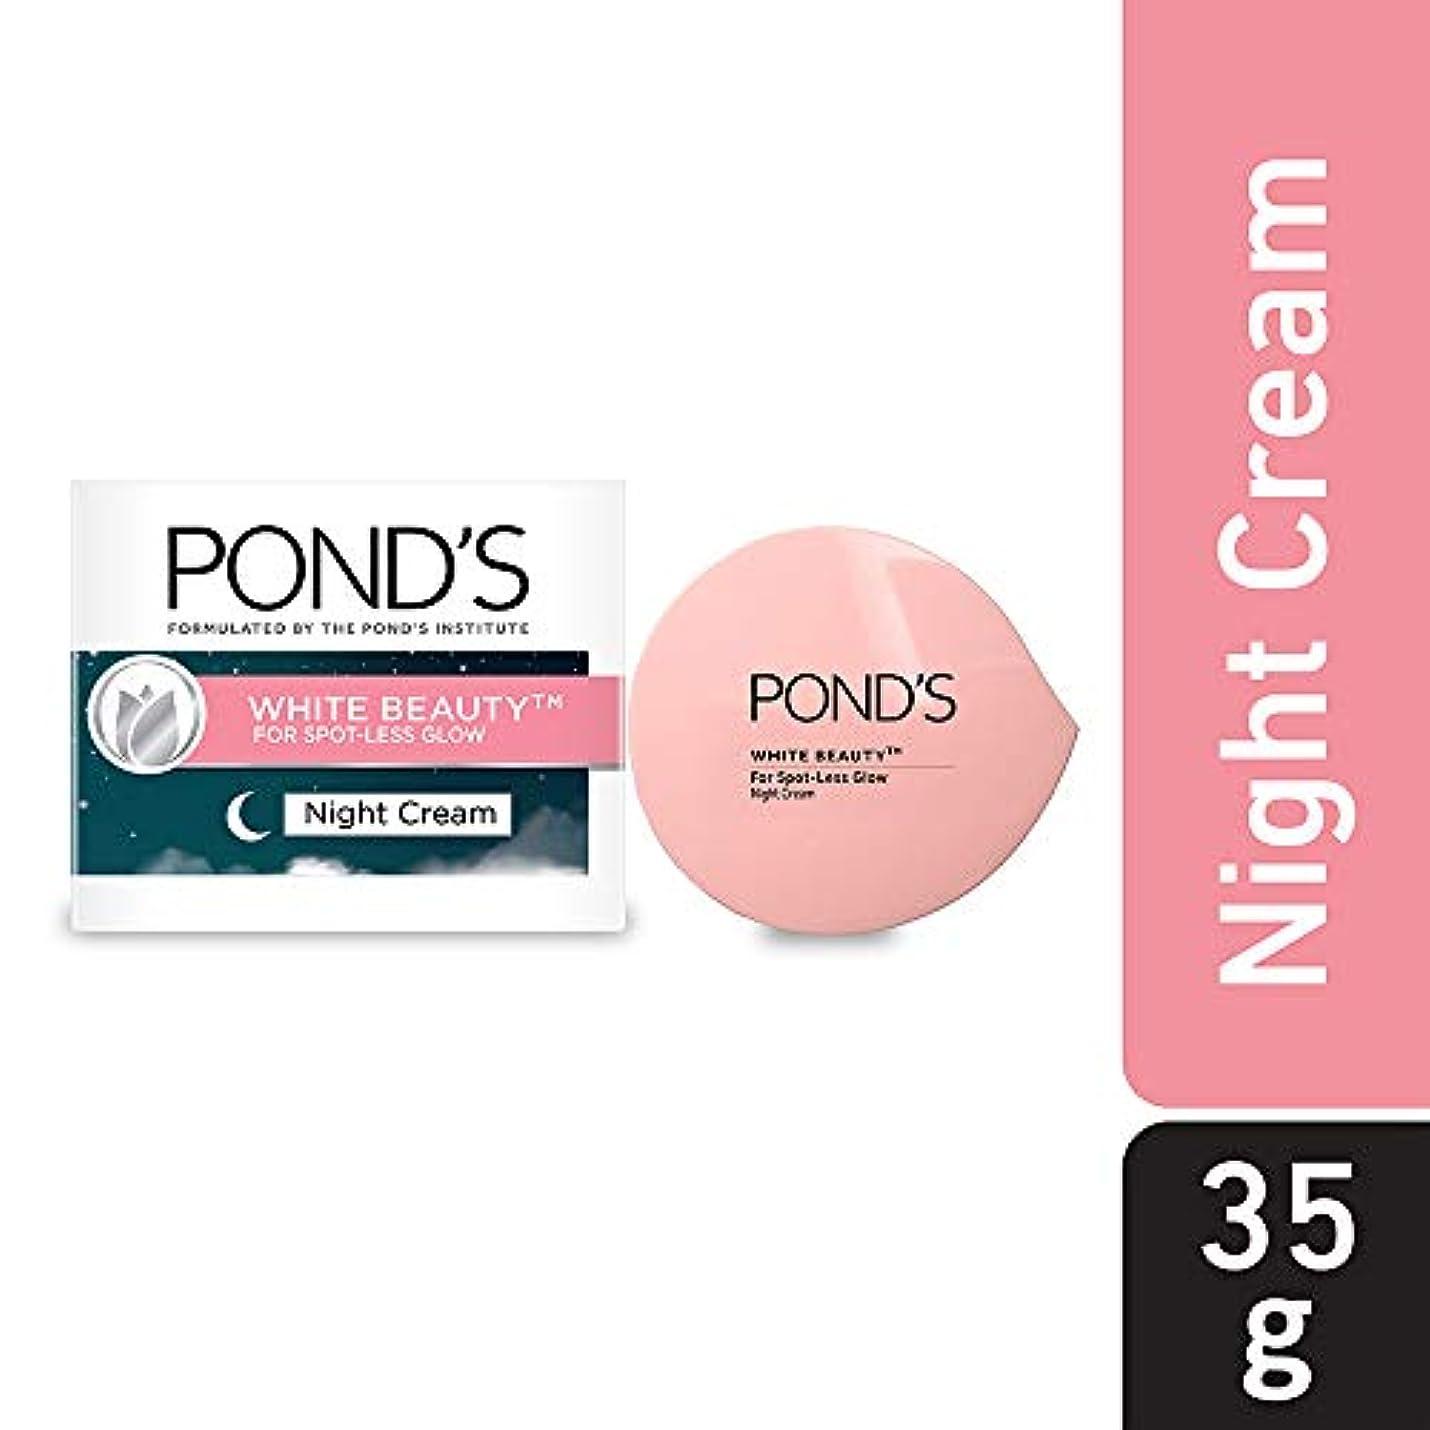 上昇センチメートル名声POND'S White Beauty Night Cream, 35 g - India (並行インポート)